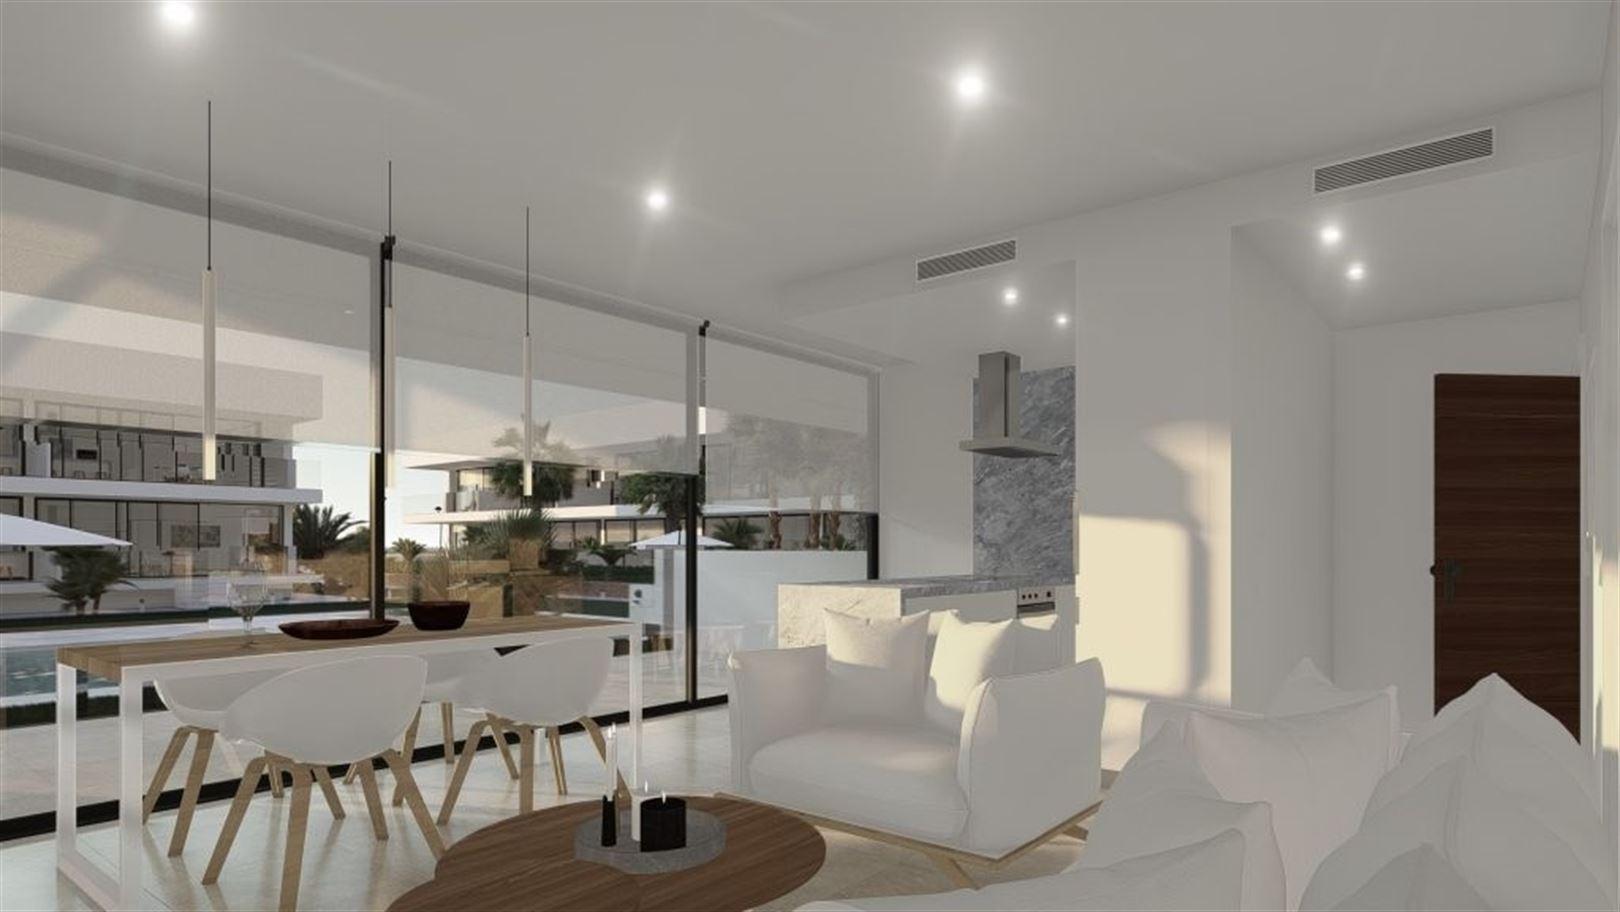 Foto 4 : Appartement te 30384 MURCIA (Spanje) - Prijs Prijs op aanvraag